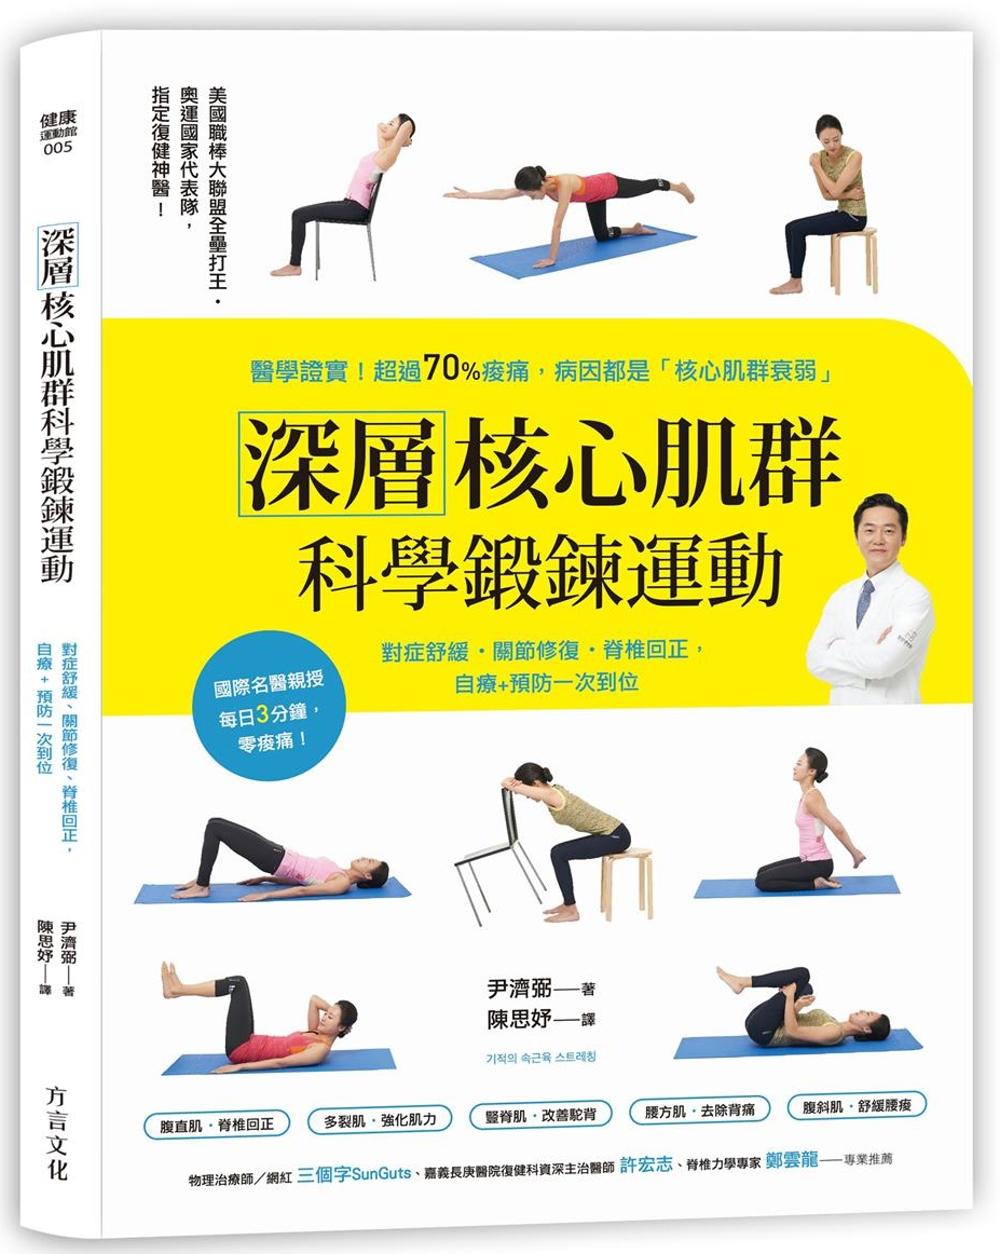 深層核心肌群 科學鍛鍊運動:對症舒緩、關節修復、脊椎回正,自療+預防一次到位